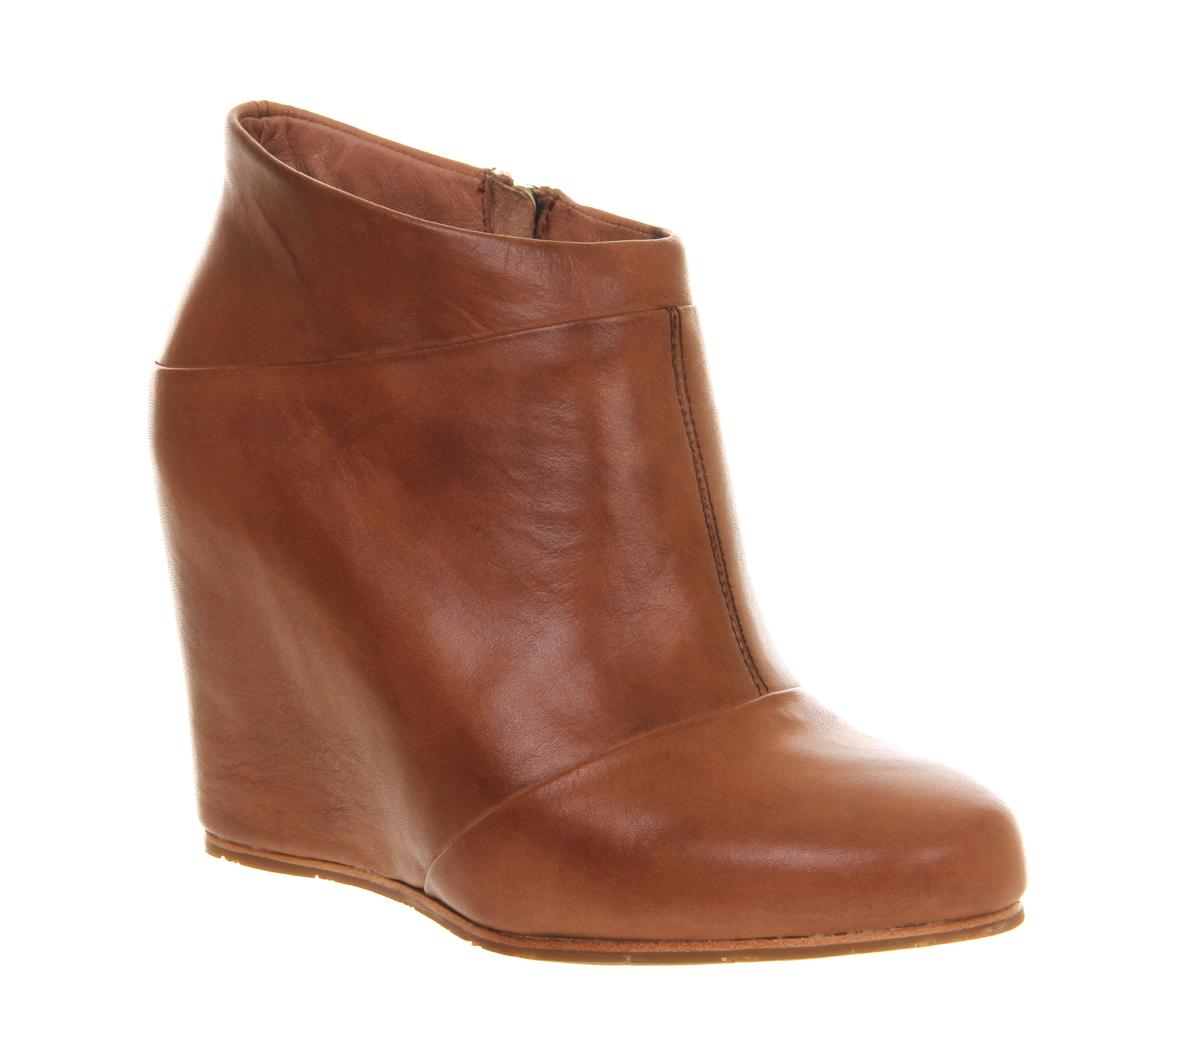 Ugg Boots Uk Sizing